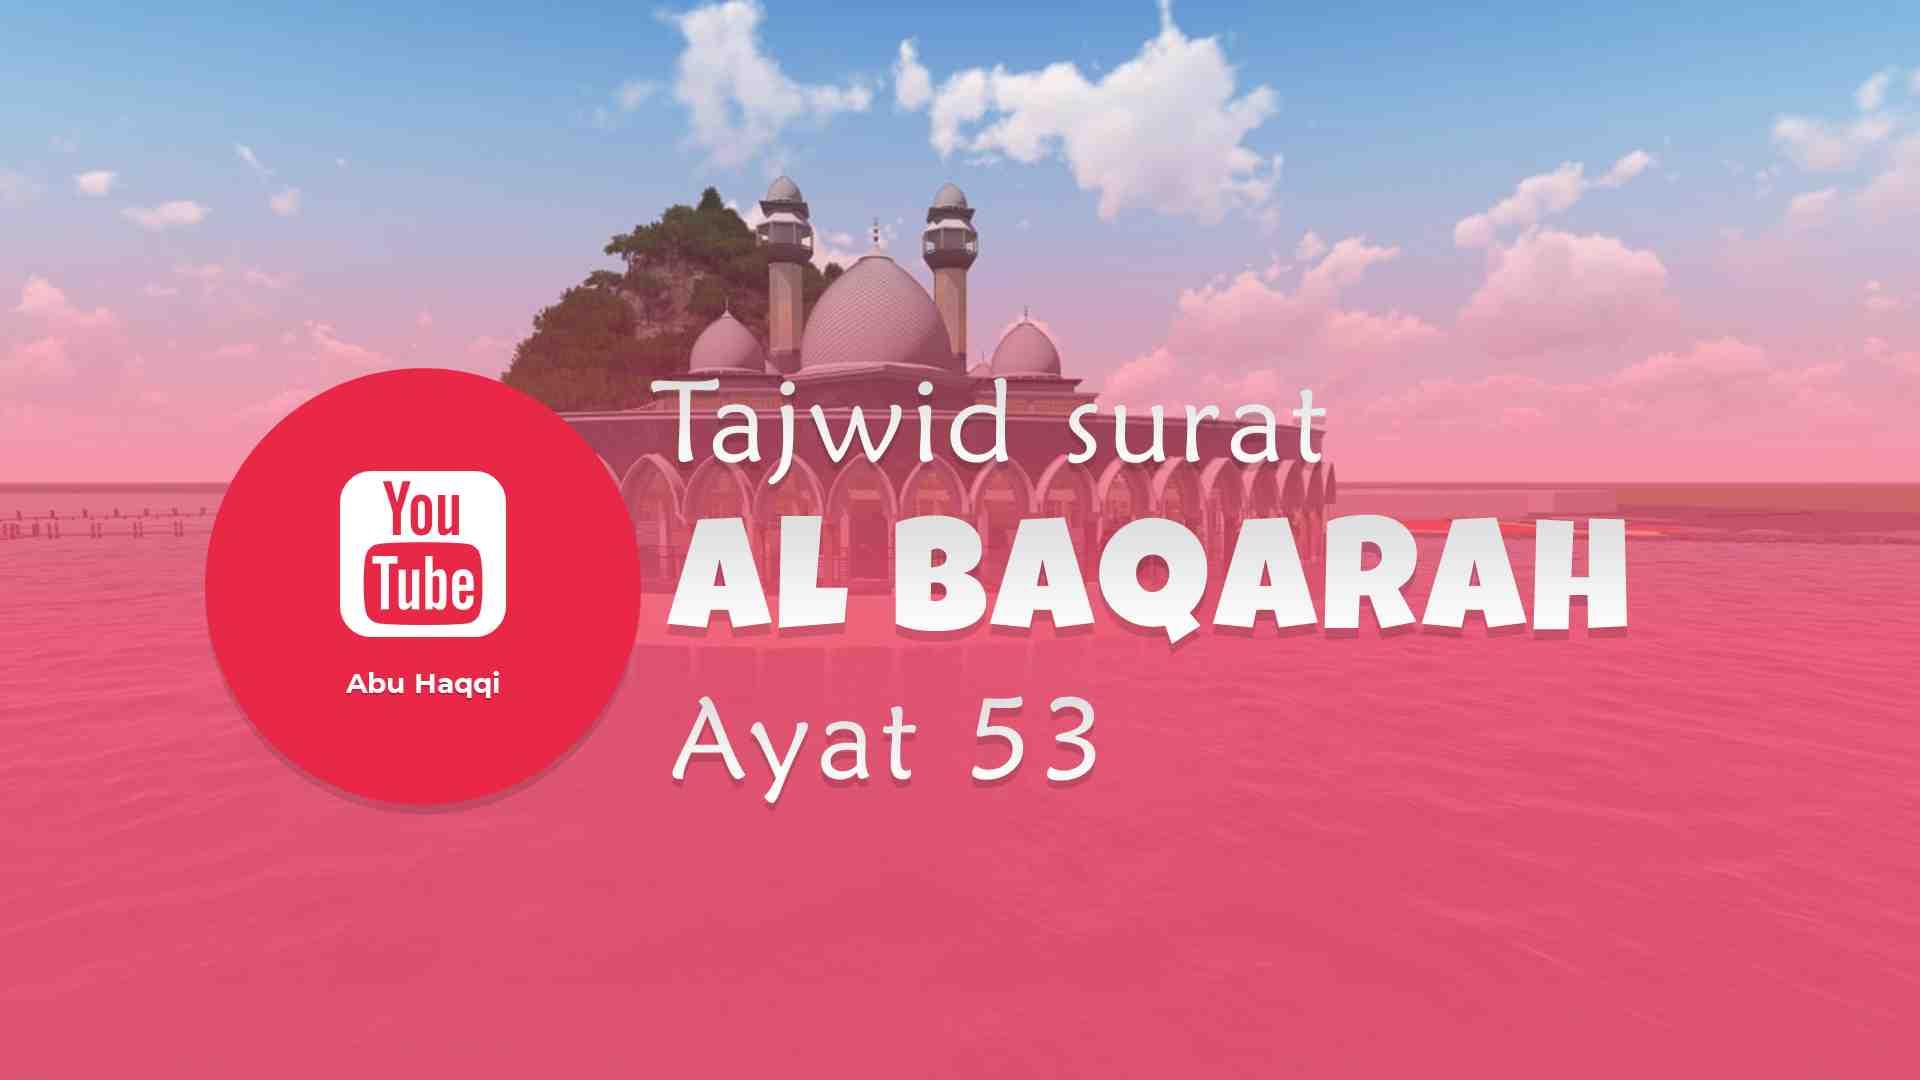 Tajwid surat Al Baqarah ayat 53